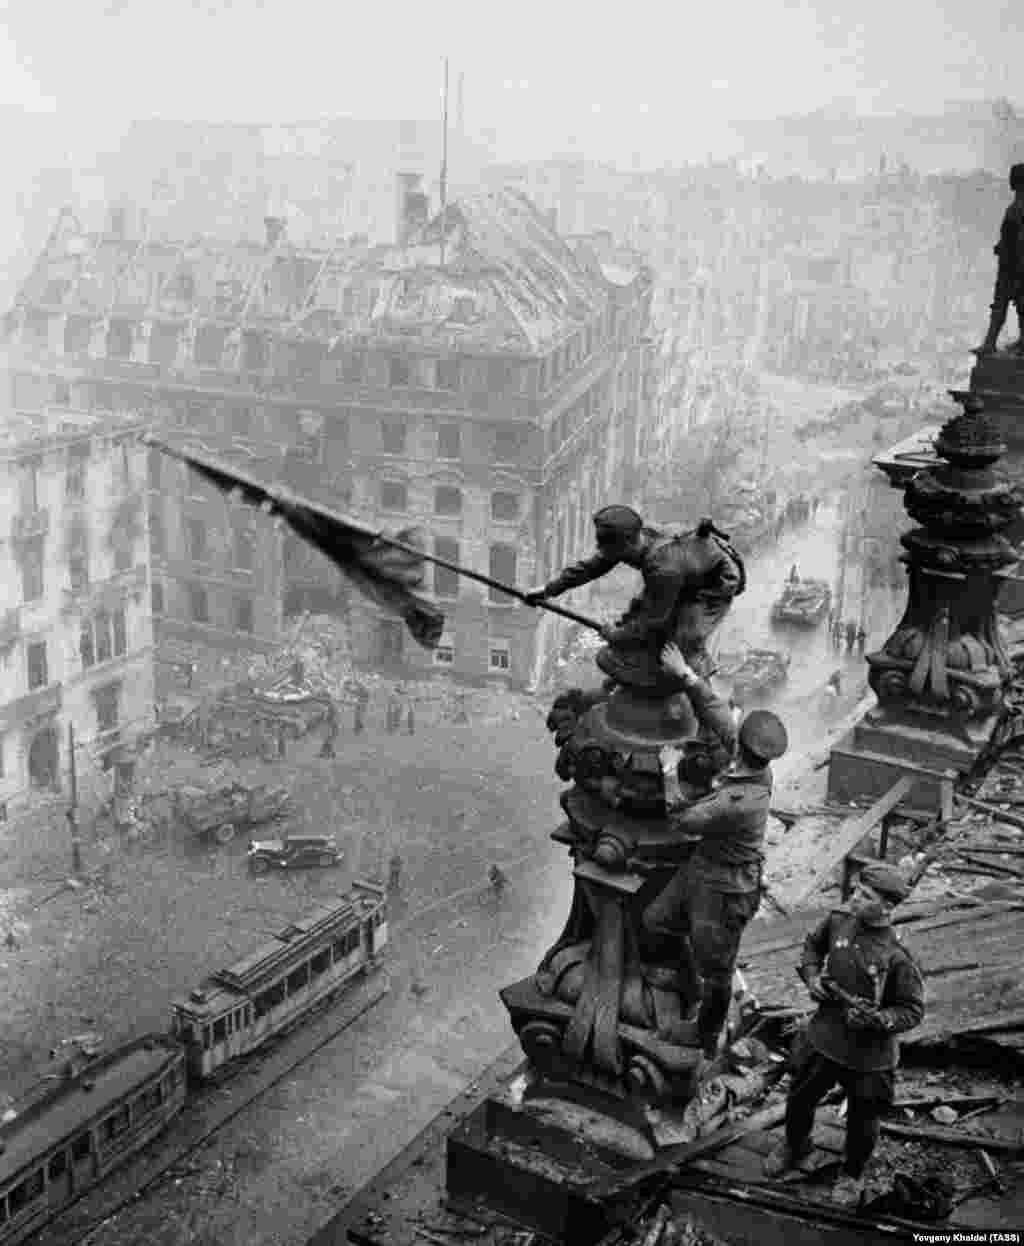 """На другой фотографии, снятой с того же места, видно, что солдата с флагом носит часы и на левой, и на правой руке. Это – доказательство мародерства, которое существовало и Красной армии. Халдей сказал, что его начальник в ТАСС вызвал его к себе и обратил внимание на эту деталь. """"Настоящий советский солдат не мародерствует … Быстро это исправь, убери с негатива"""", – сказал он. 28-летний фотограф сцарапал вторые наручные часы с пленки булавкой"""